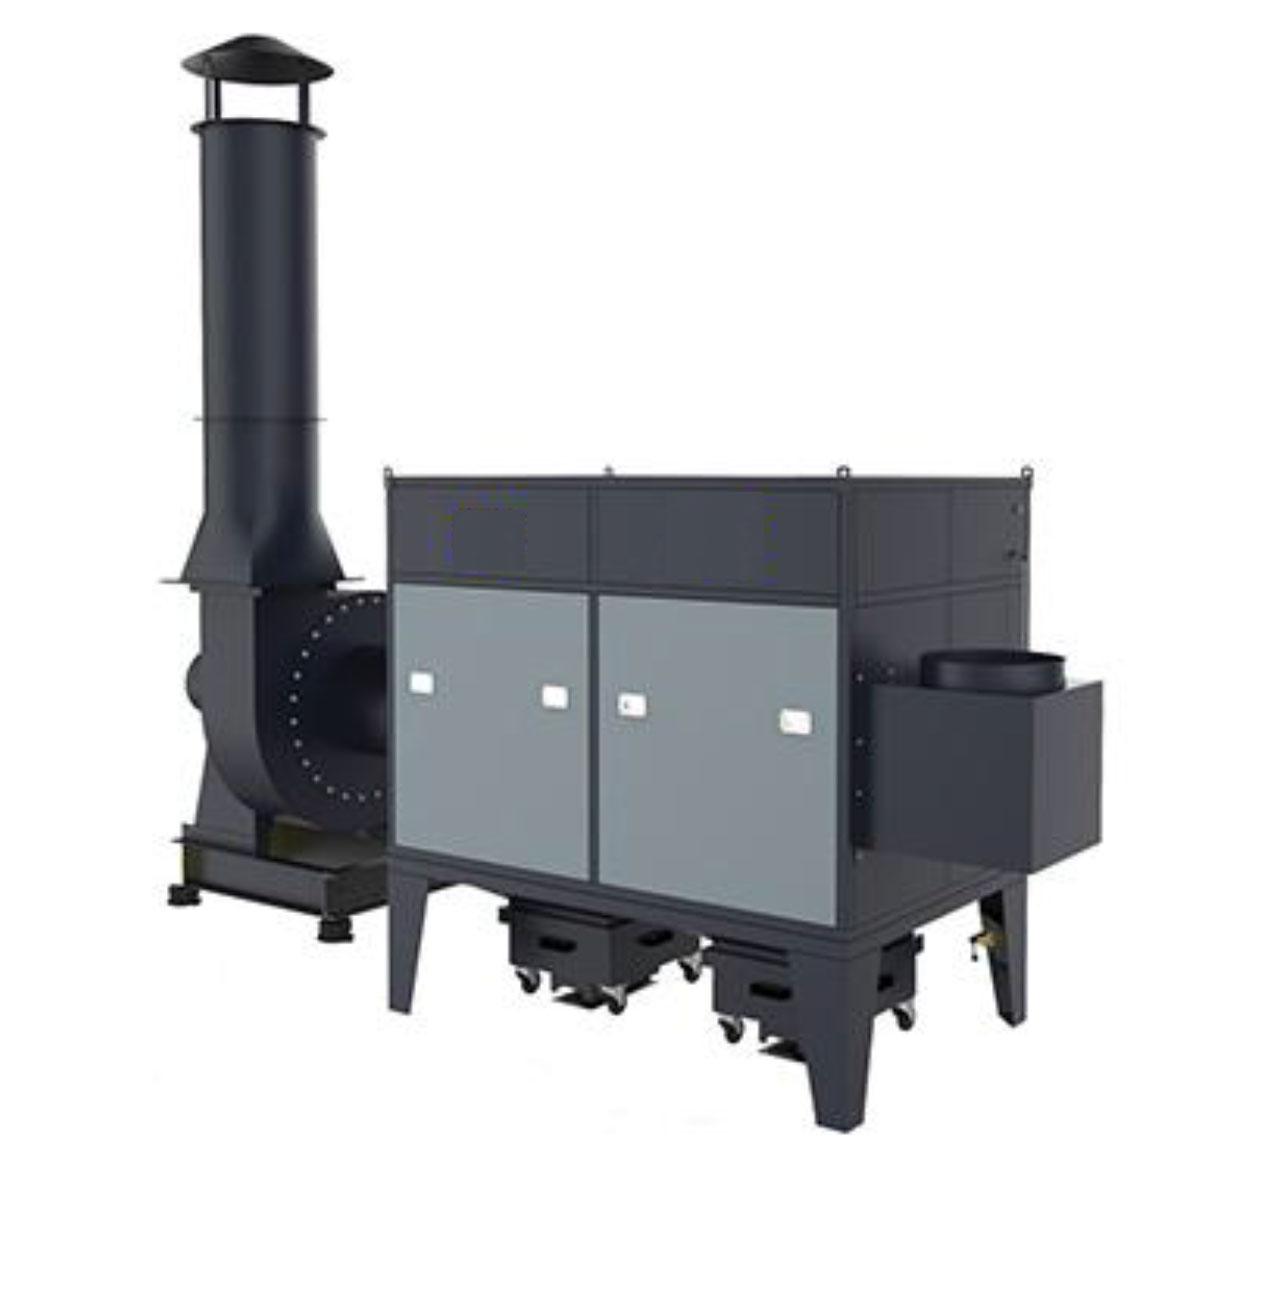 מערכת סינון לאבק ועשן  מדגם JCD